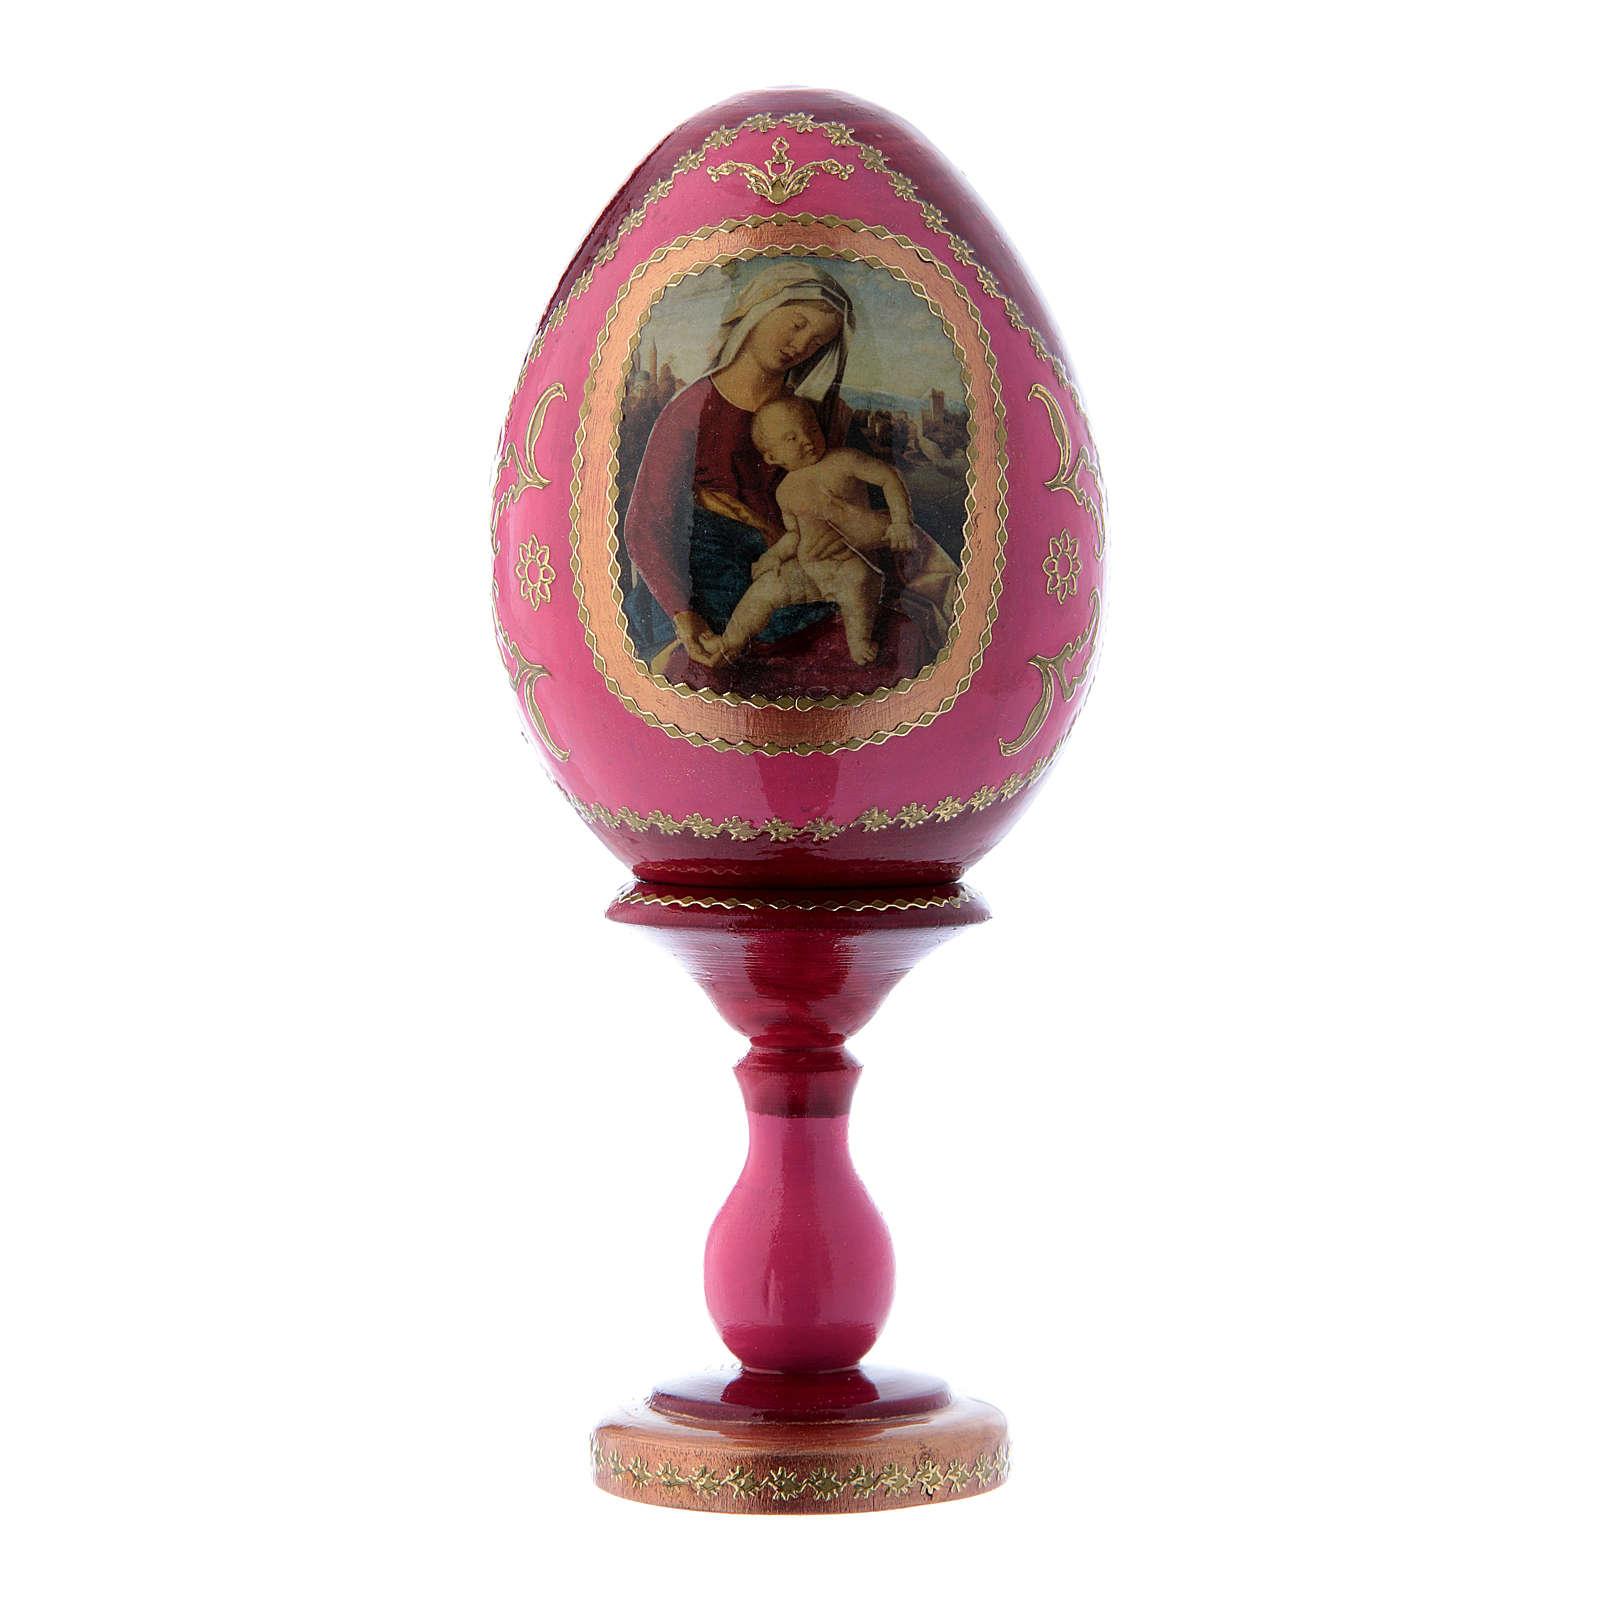 Uovo stile Fabergè rosso in legno russo decorato a mano Madonna con Bambino h tot 16 cm 4